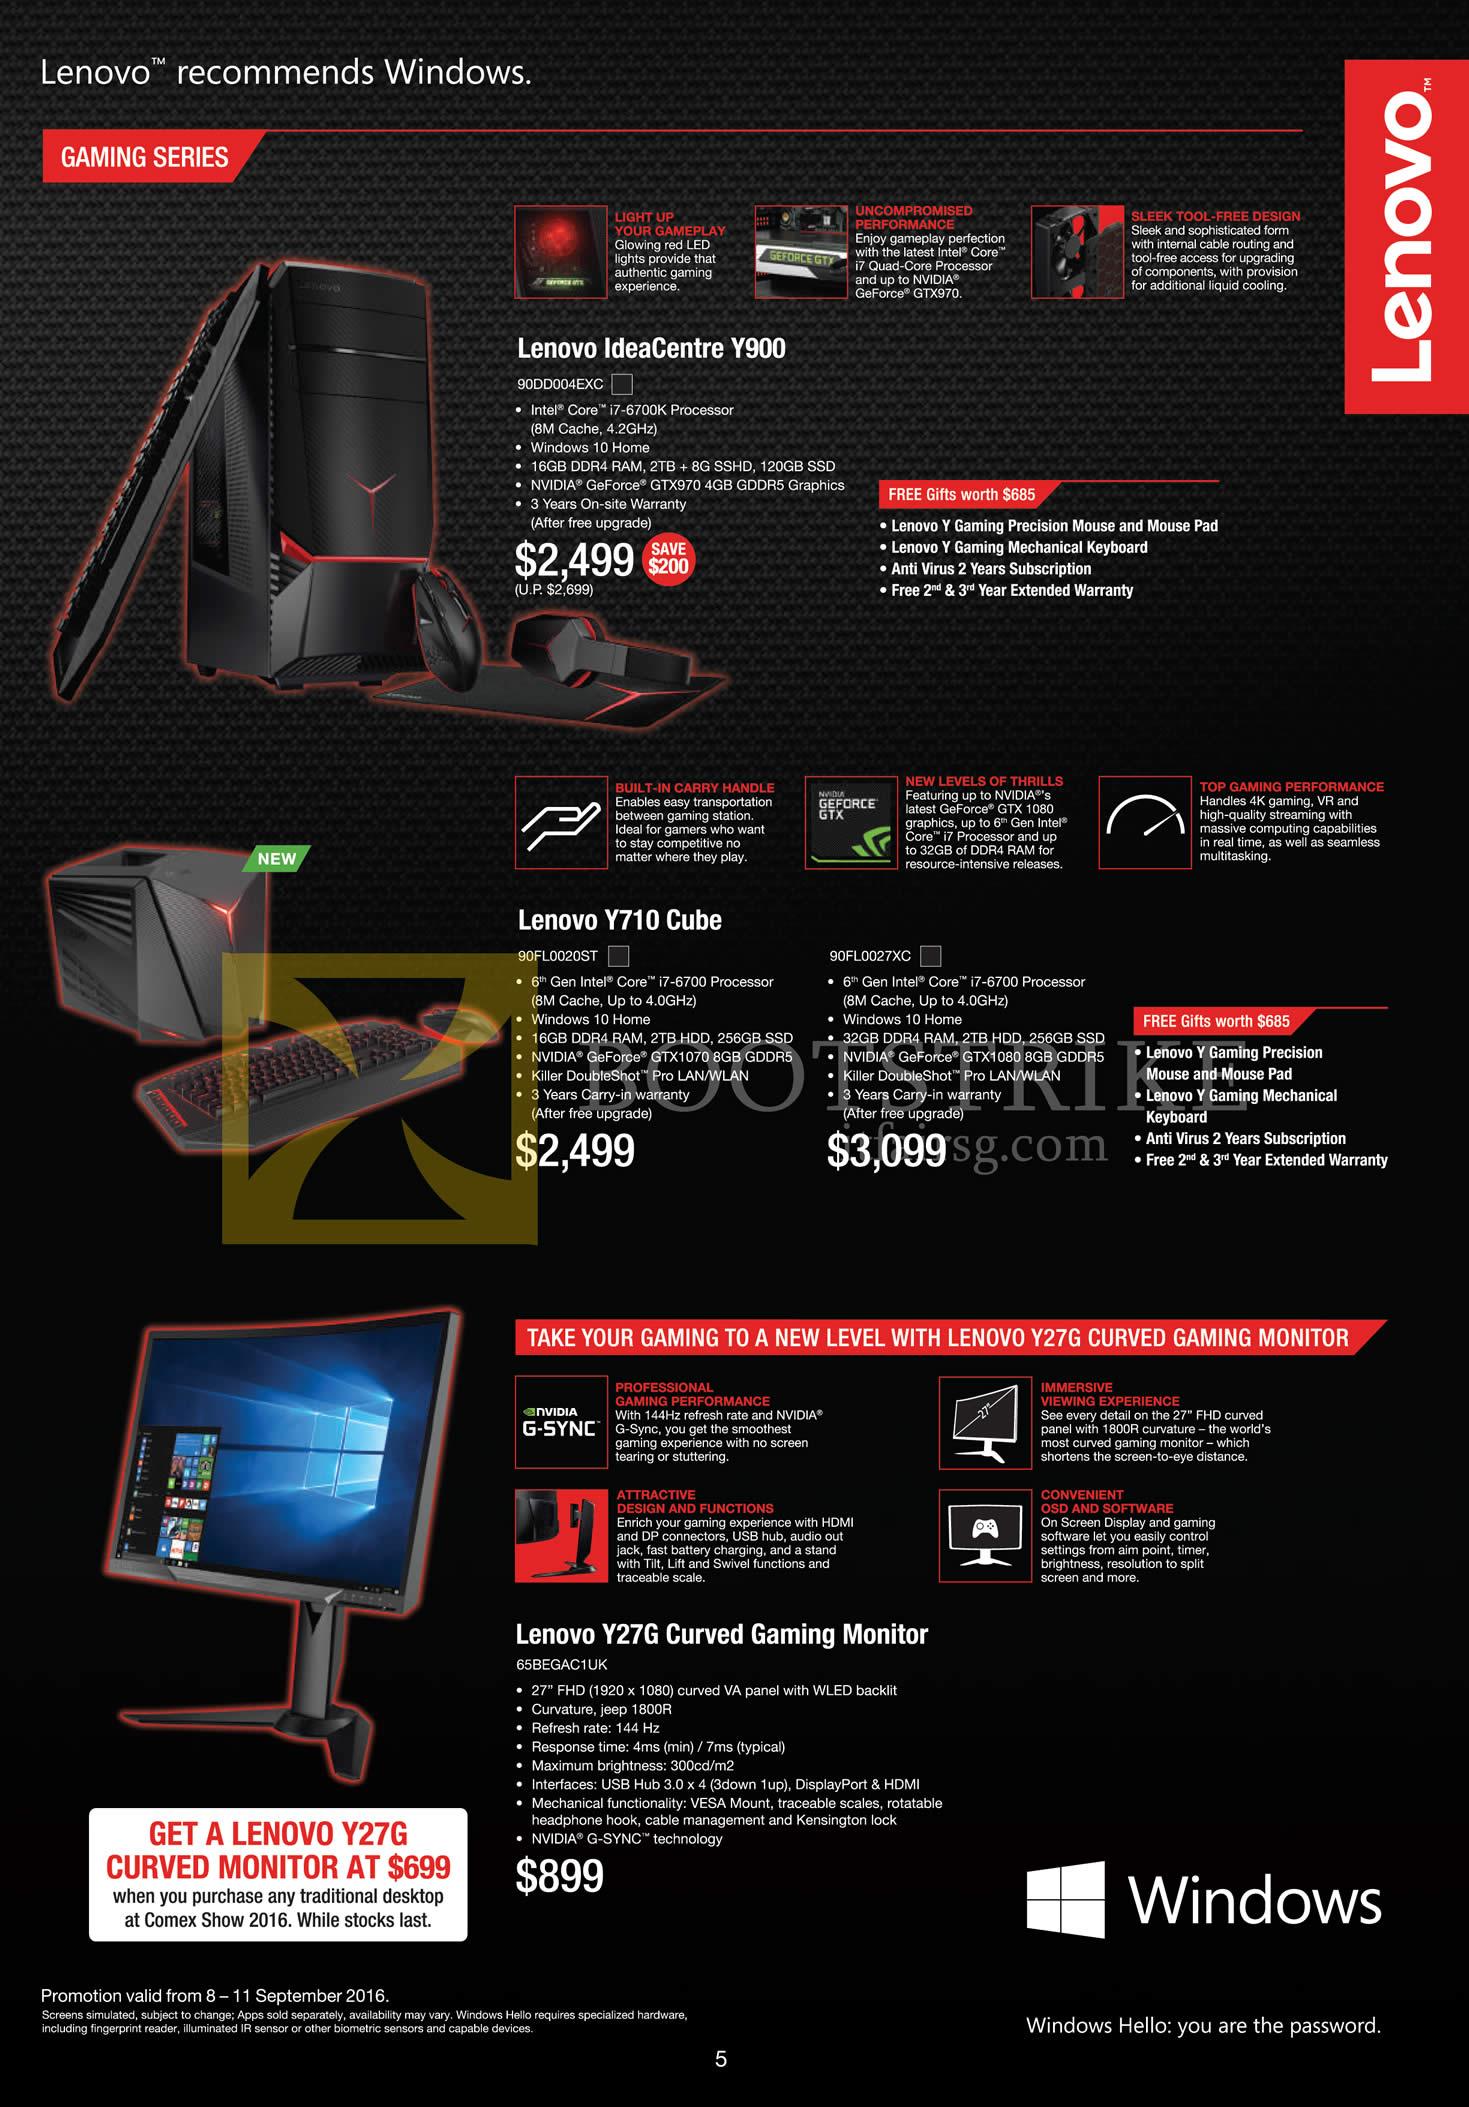 COMEX 2016 price list image brochure of Lenovo Desktop PCs Gaming IdeaCentre Y900, Y710 Cube, Y27G Monitor